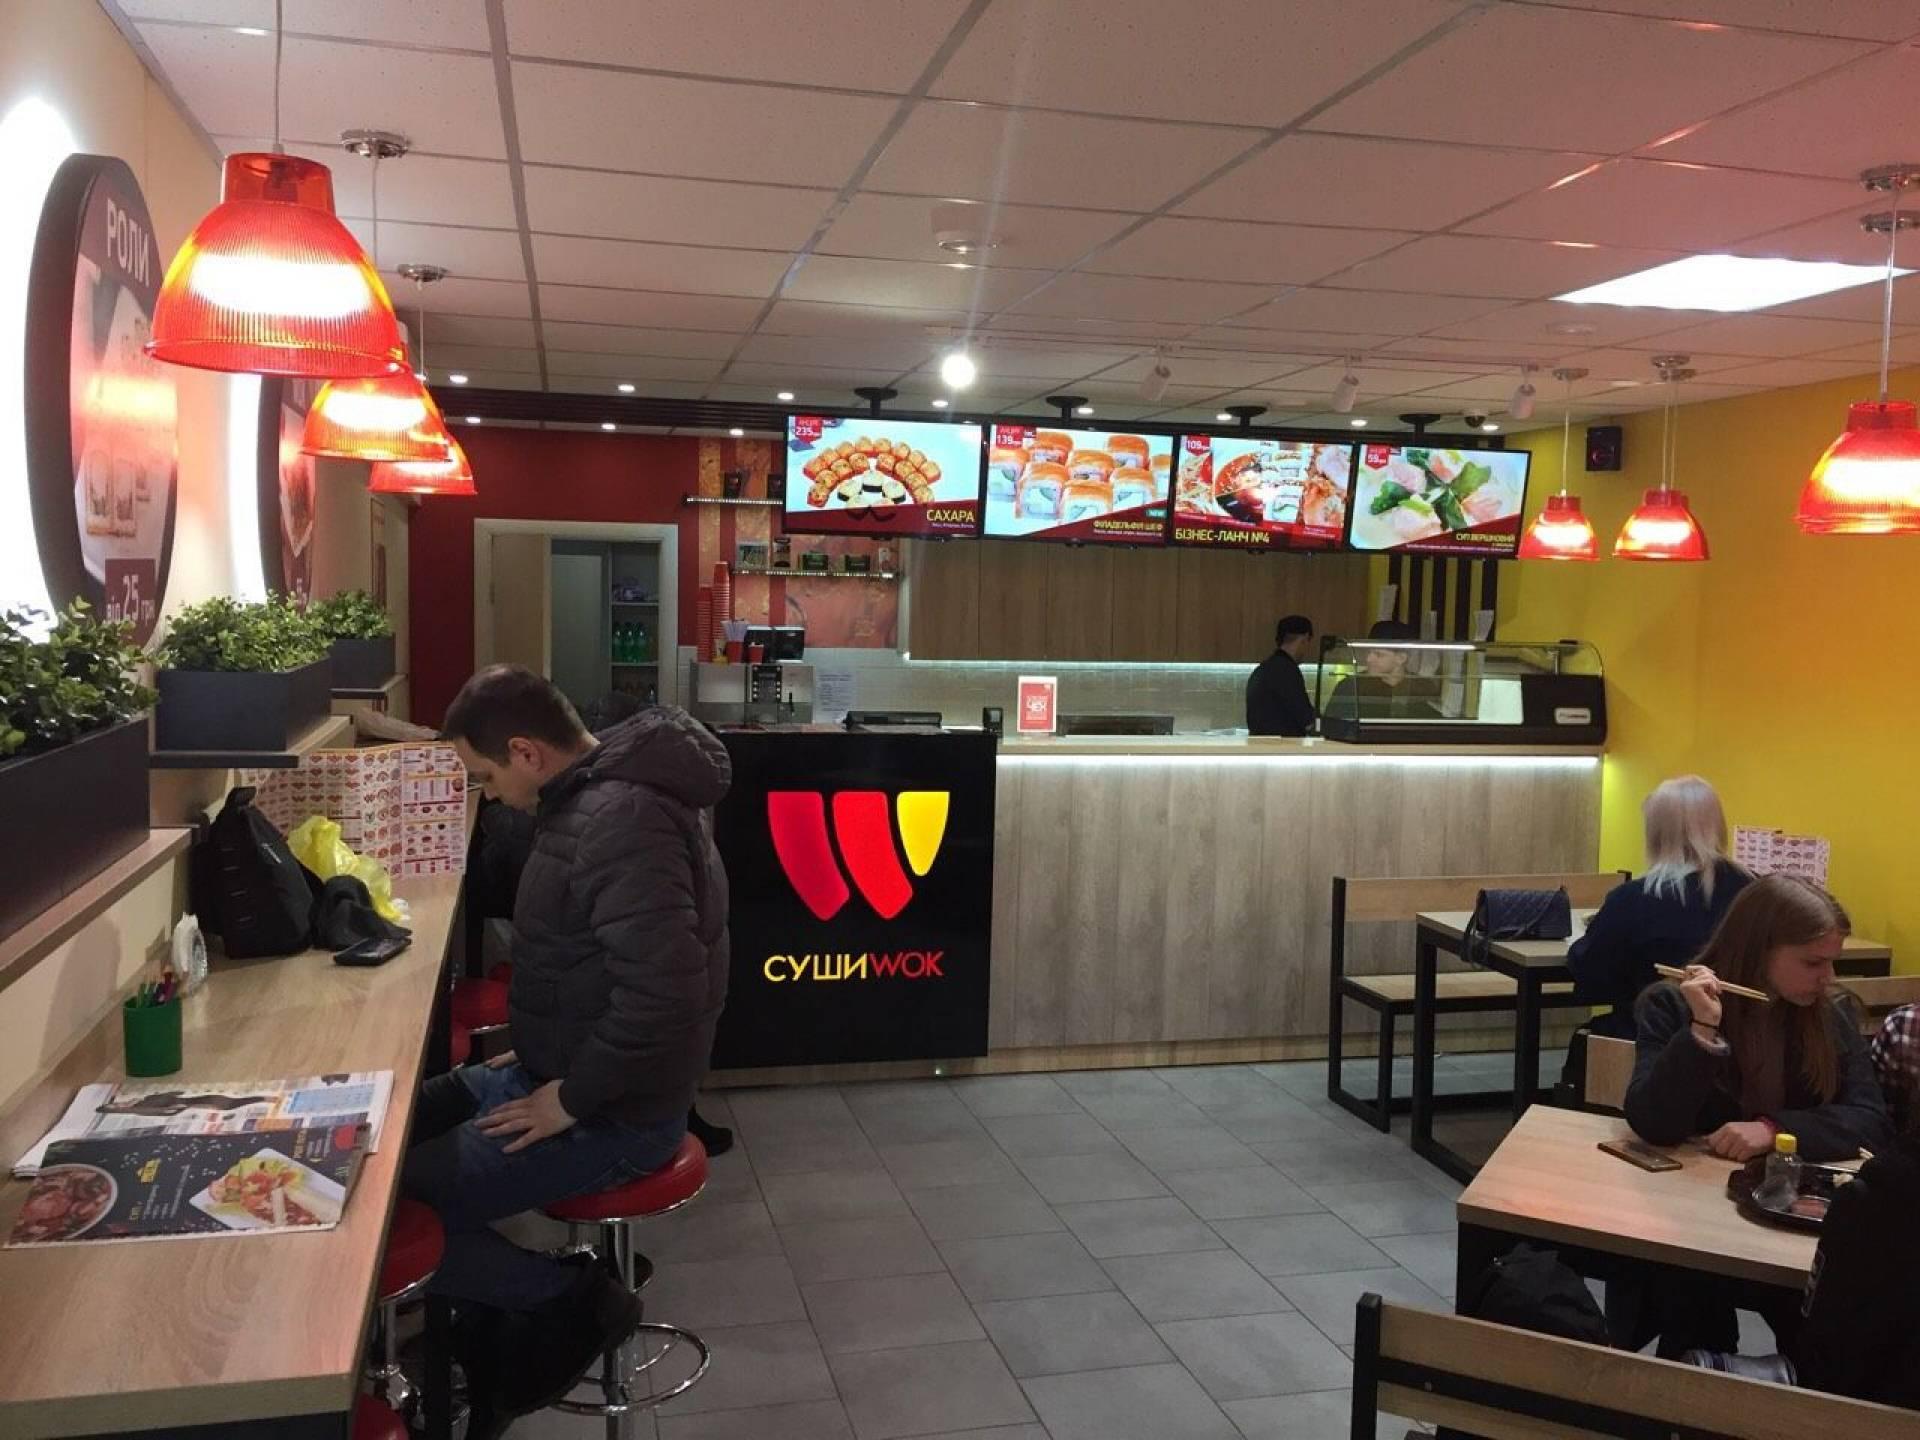 Суши wok - найбільша мережа магазинів японської кухні take-away.